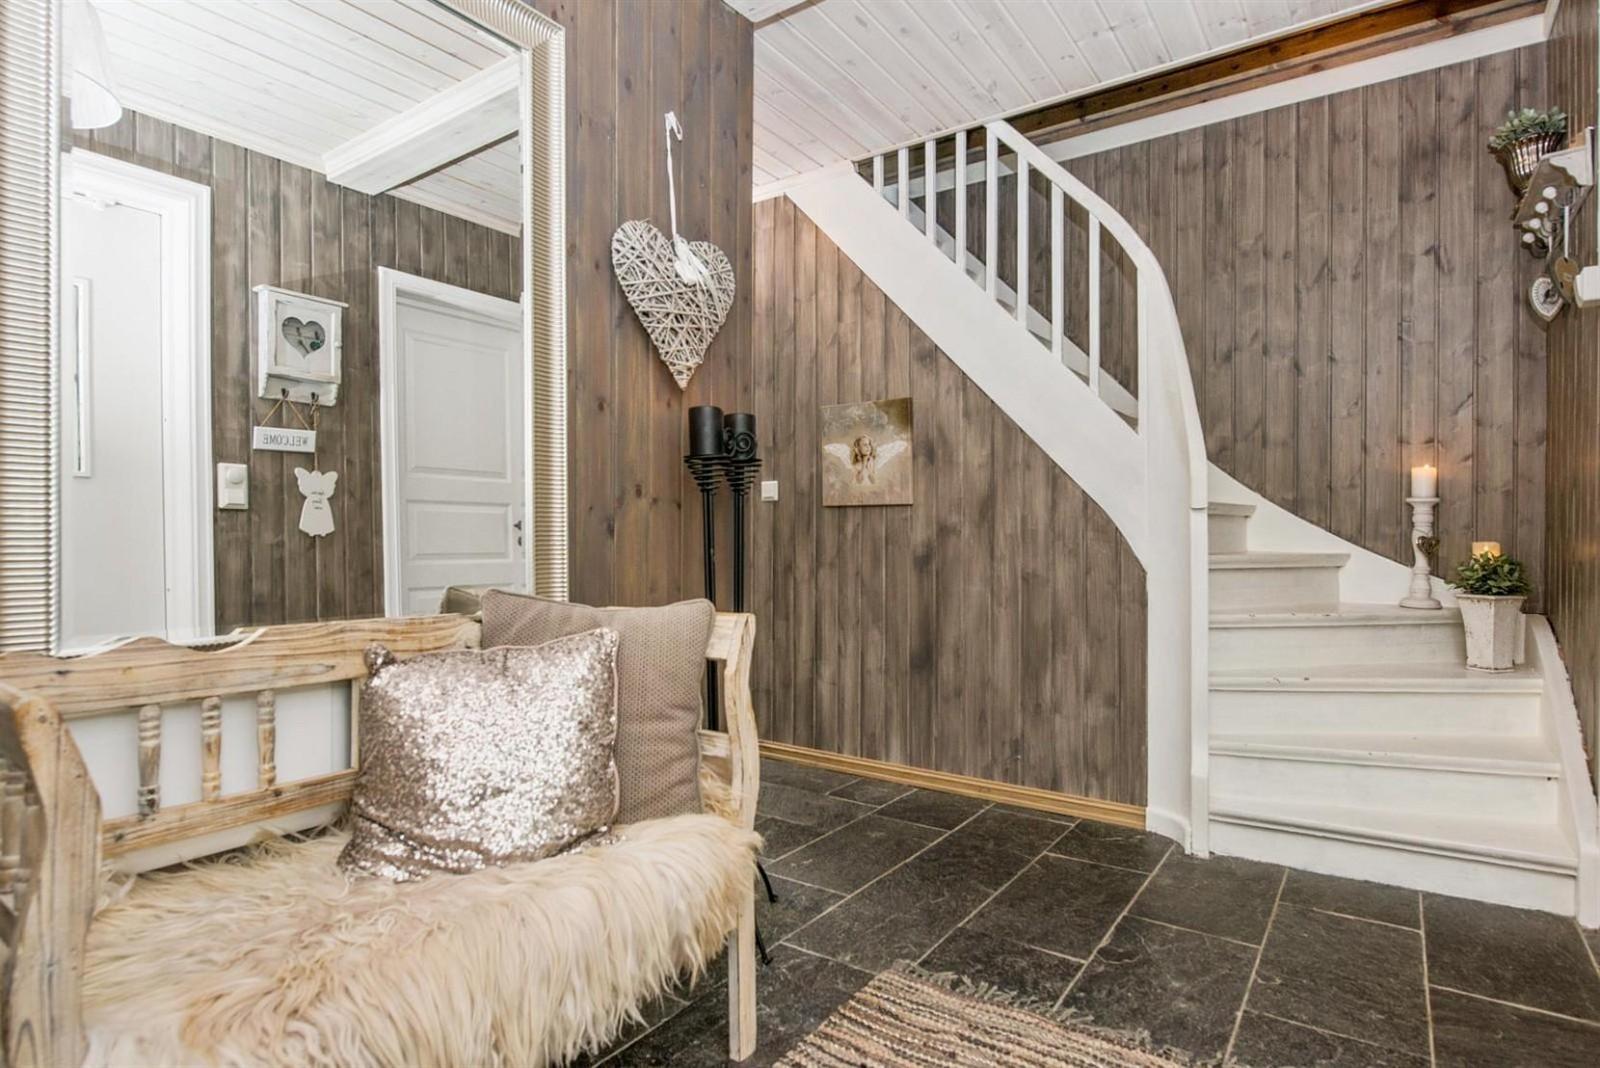 прихожая коридор скамейка зеркало белая лестница